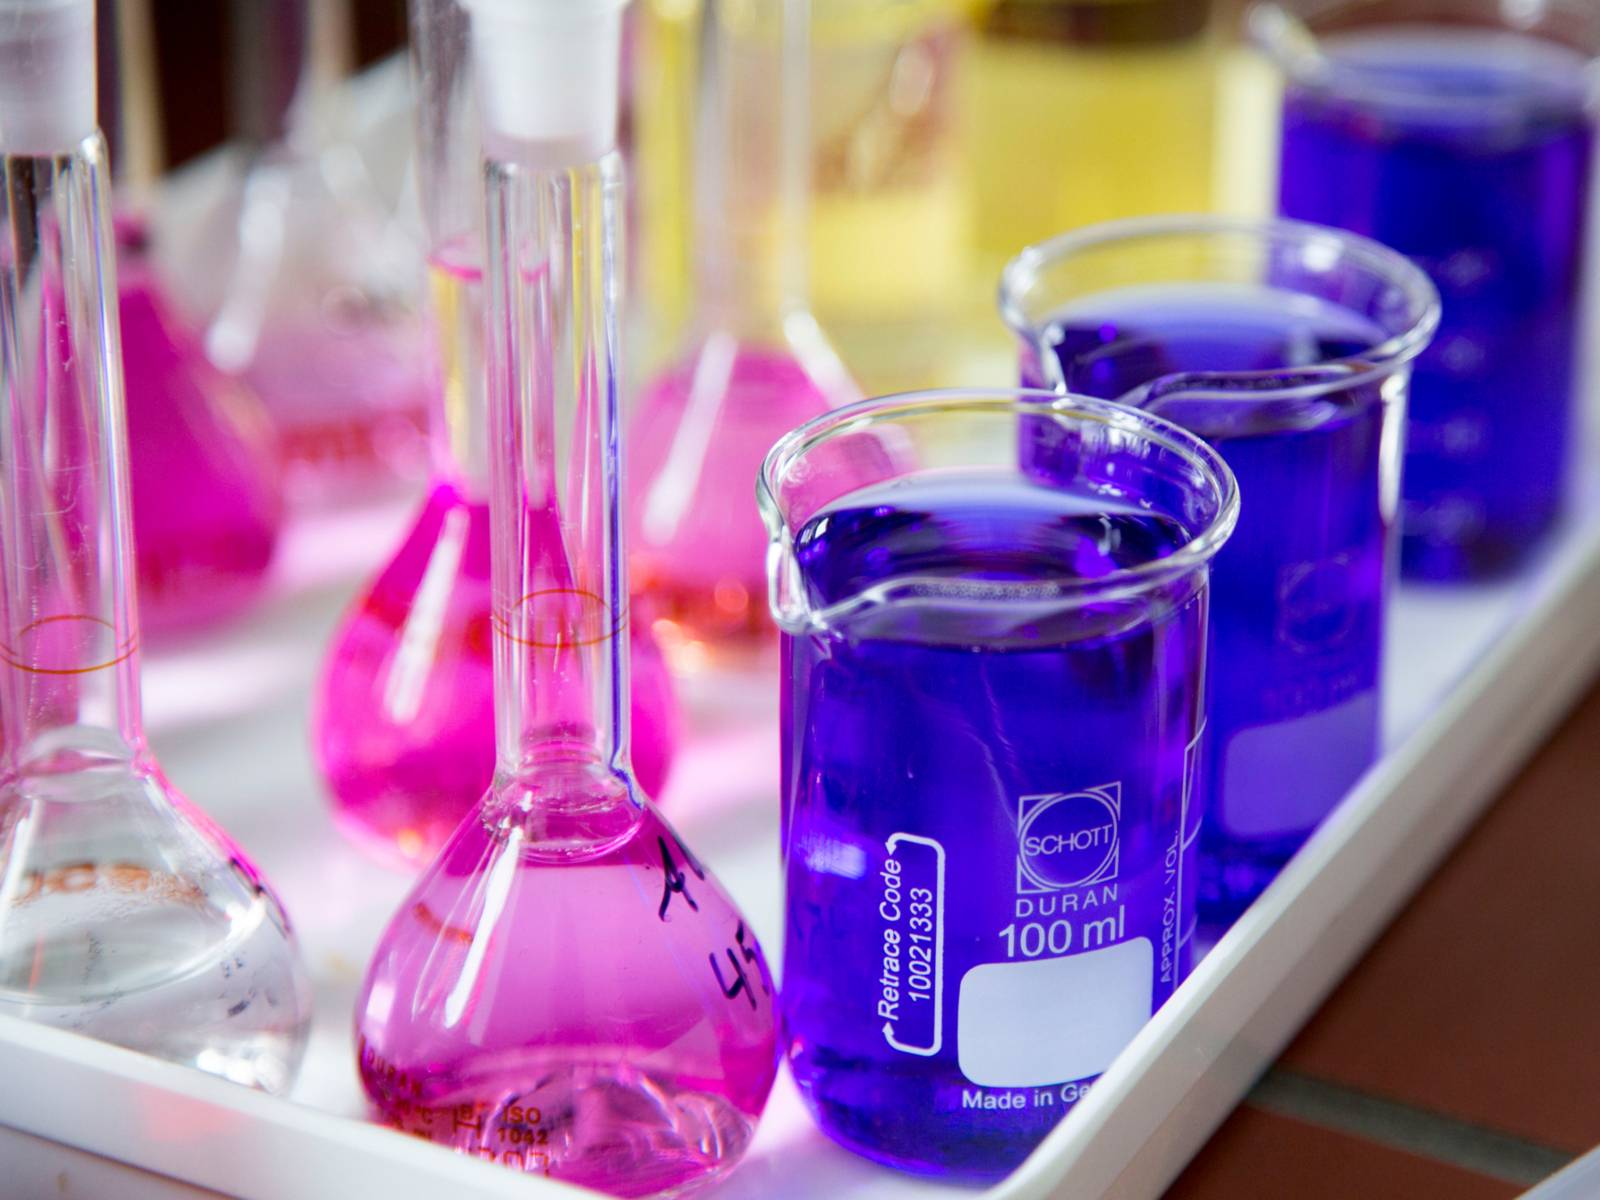 Kolbengefäße mit schmalem Hals (links) und zylindrische Becher mit Ausguss (rechts). Die enthaltenen Flüssigkeiten sind in den Farben Rosa (Messkolben) und Blau (Bechergläser) eingefärbt.